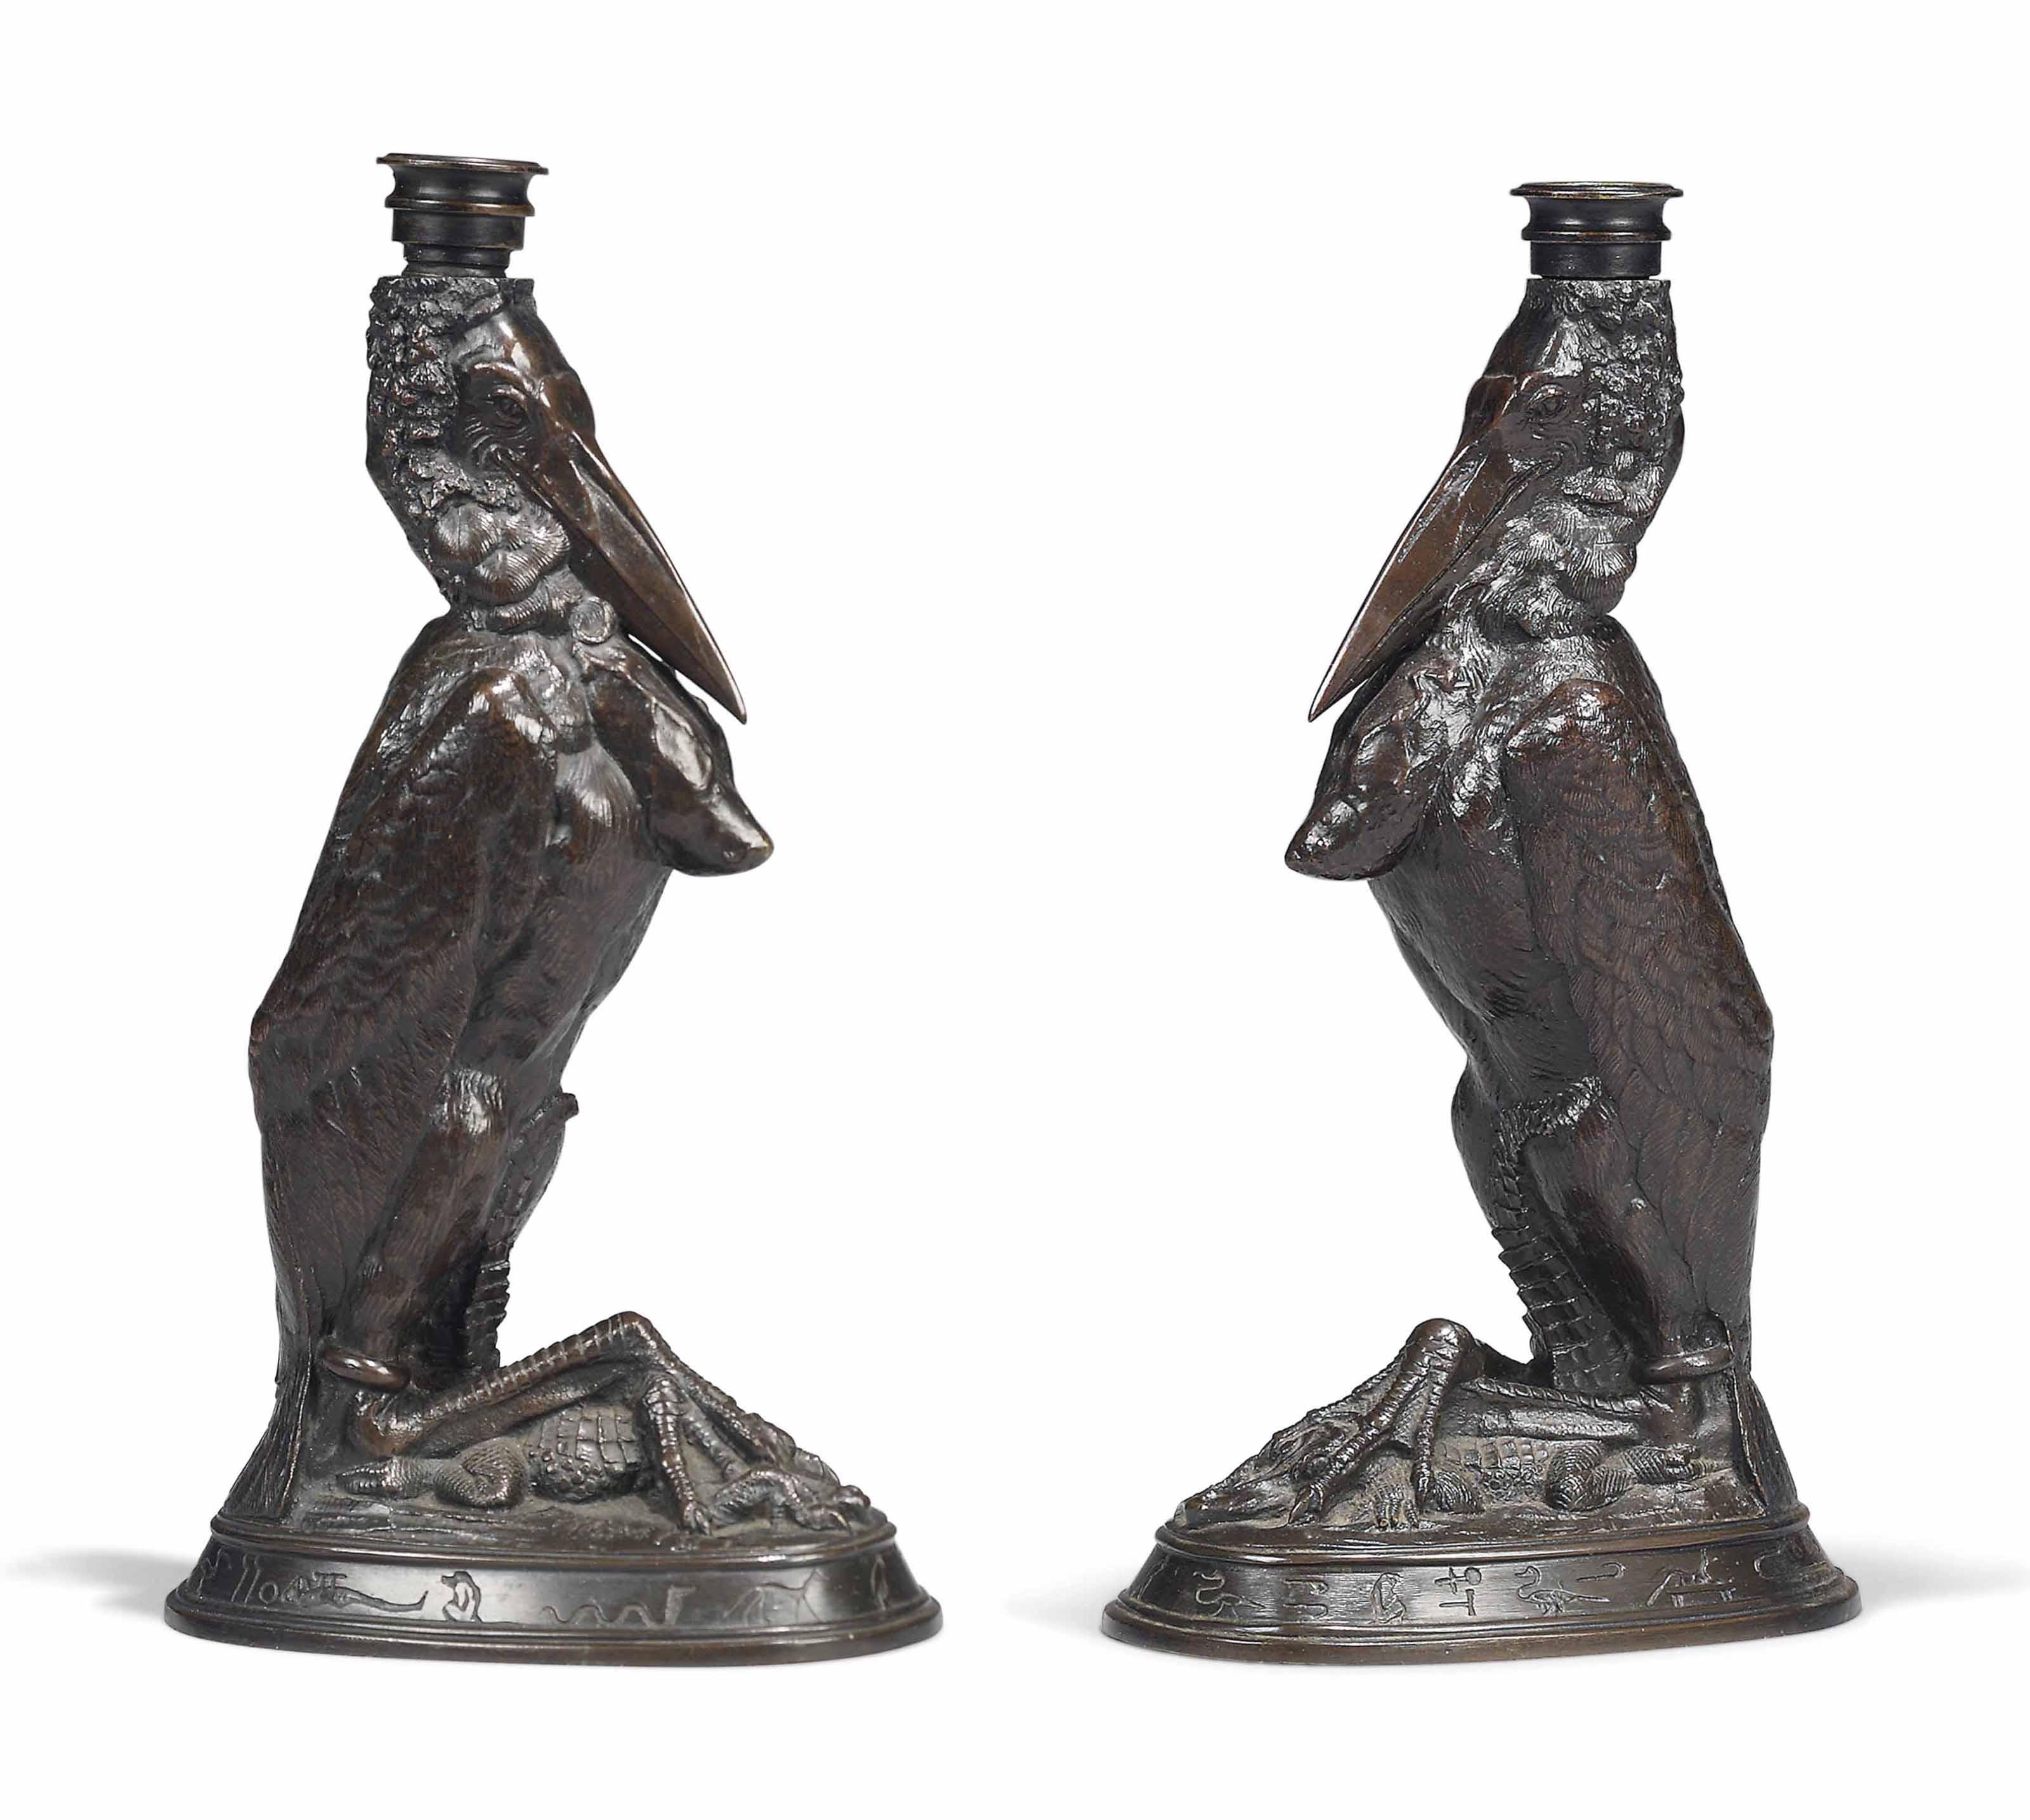 Marabout tenant un caïman dans ses pattes (A stork holding a caiman in its legs)